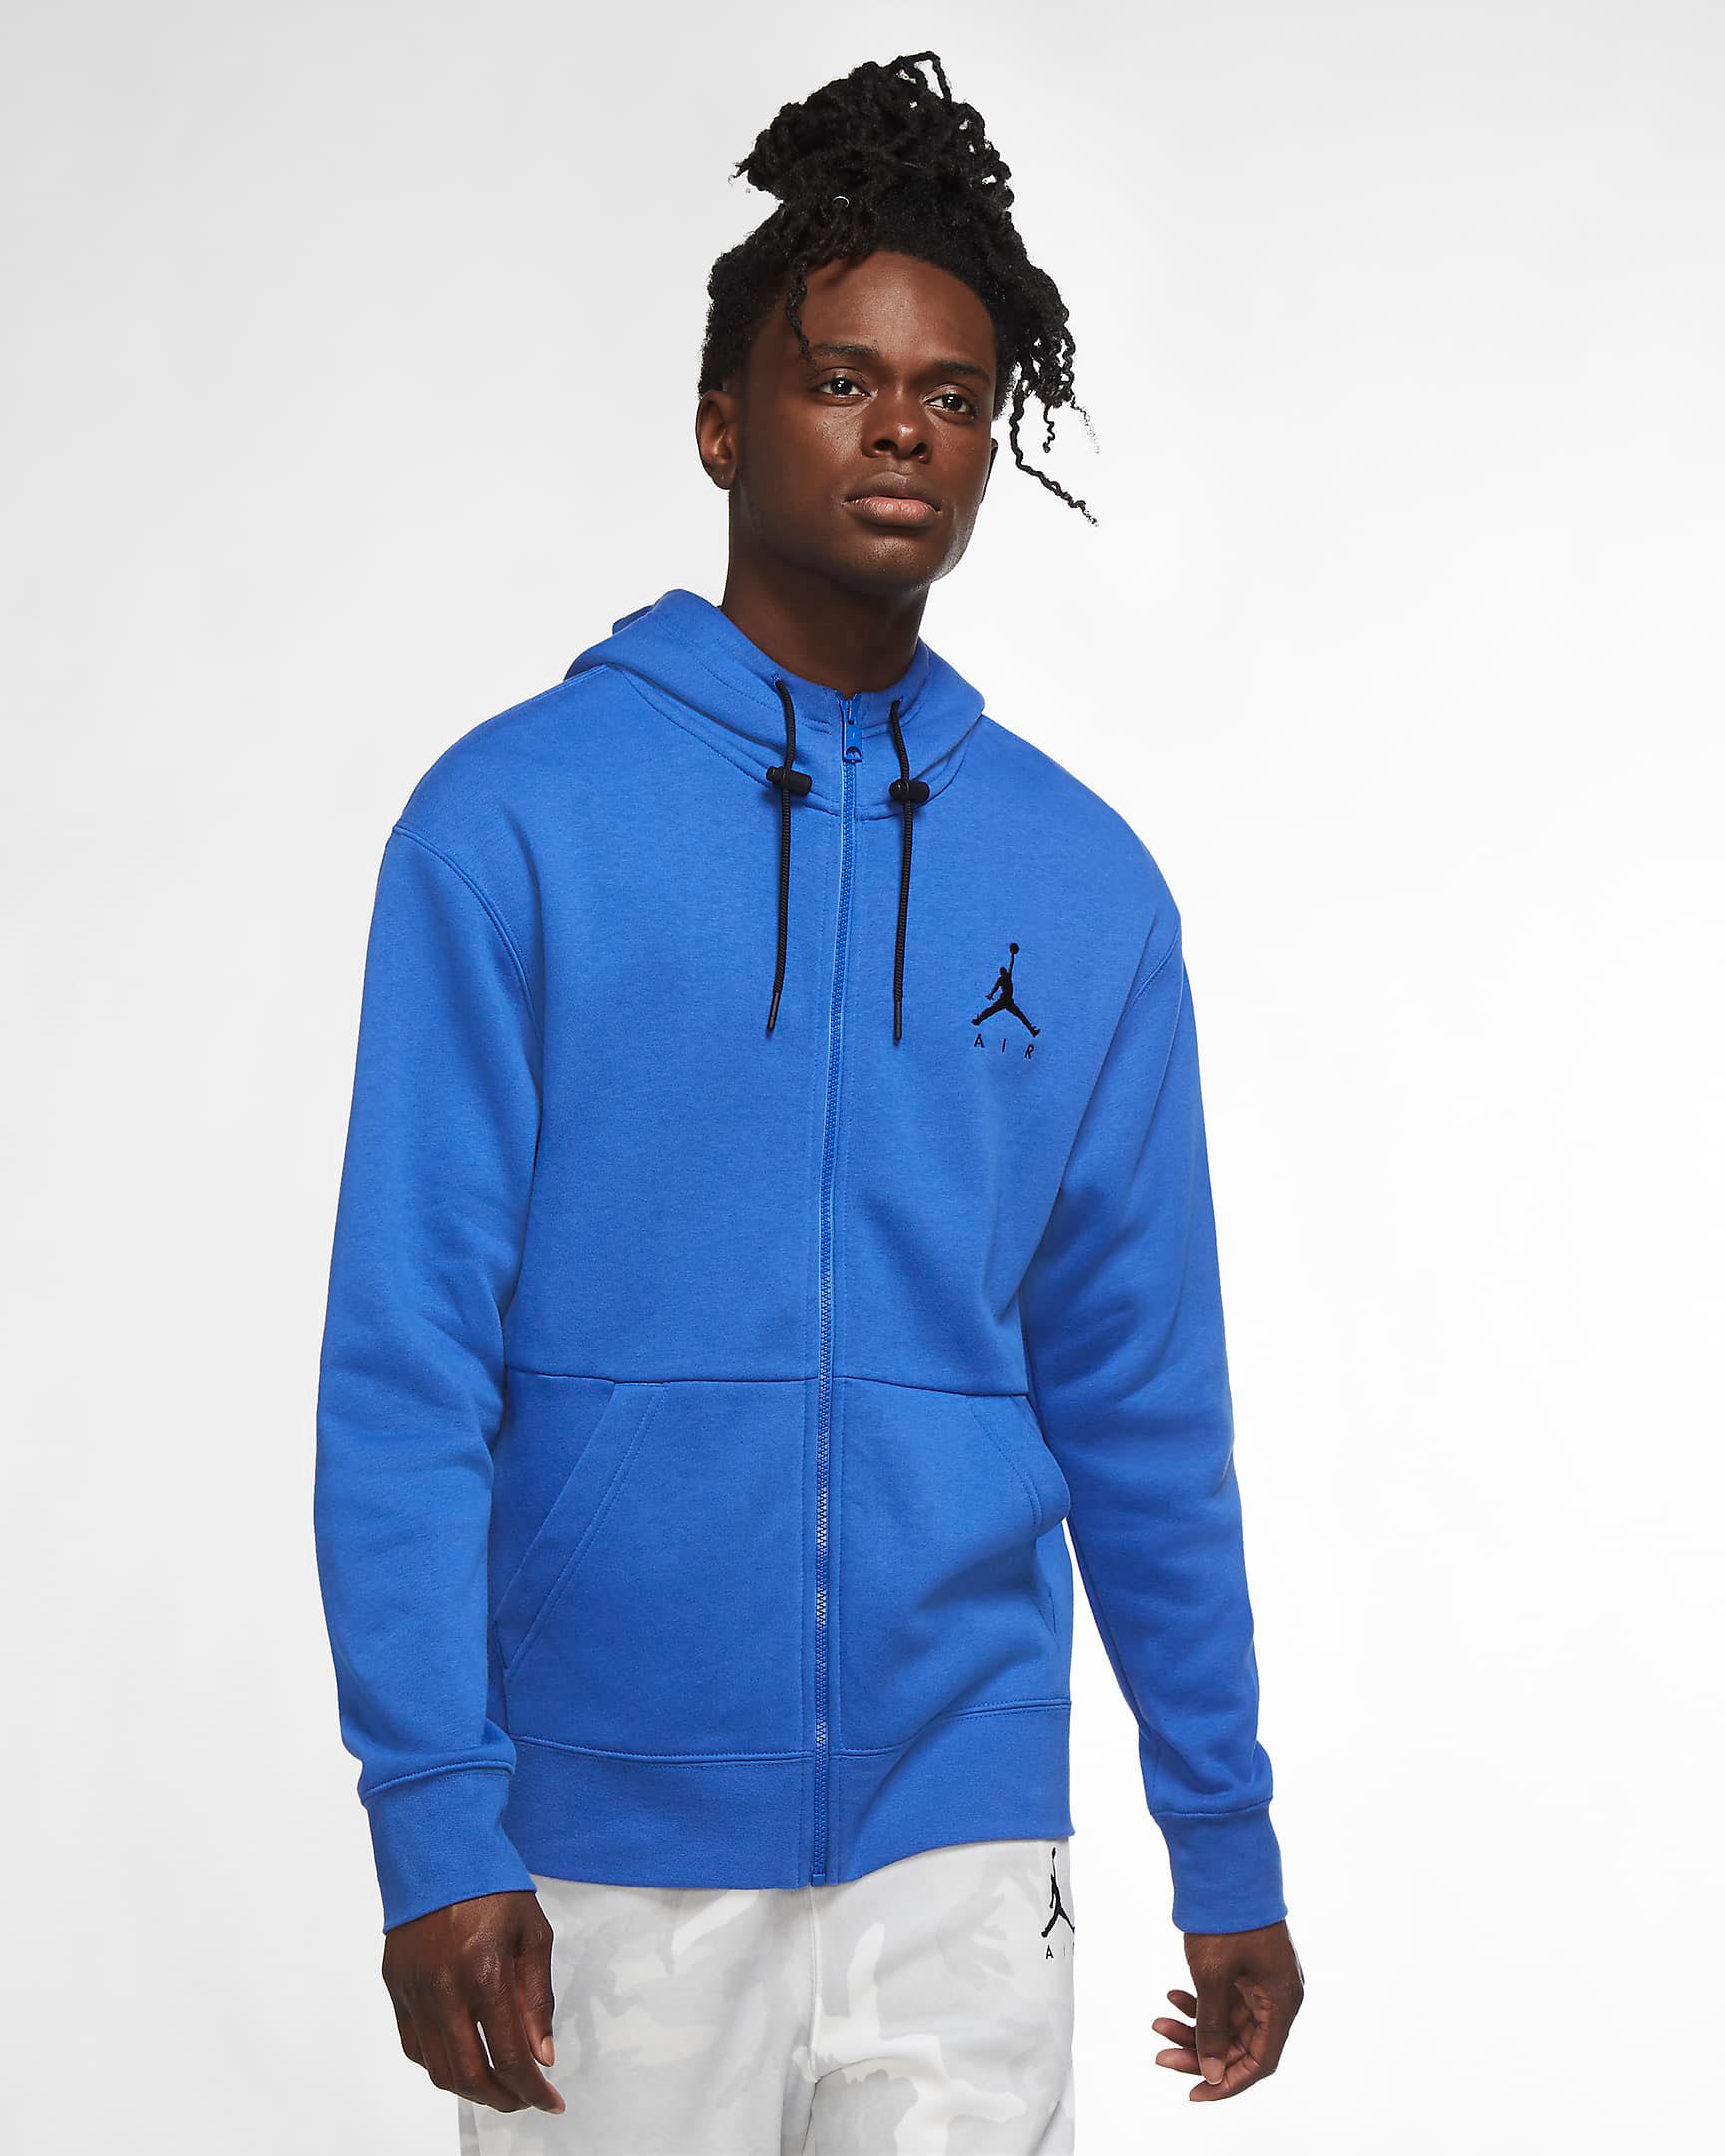 jordan-jumpman-air-zip-hoodie-royal-blue-1